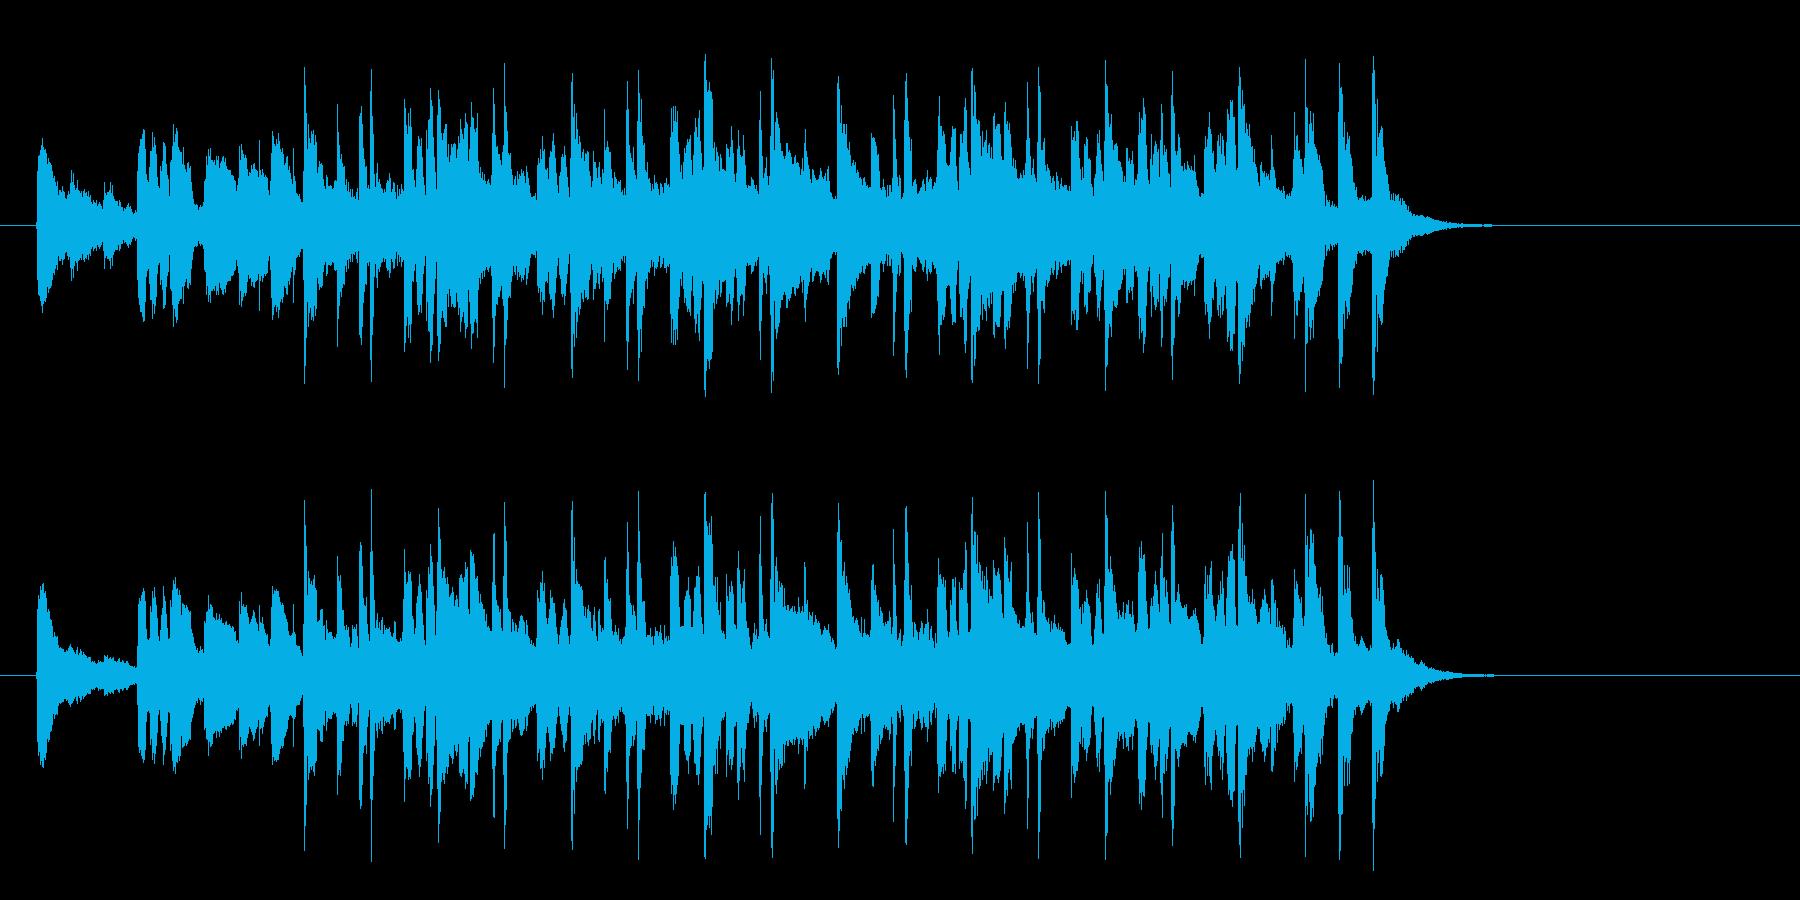 牧場のメルヘンなポップス(Aメロ)の再生済みの波形